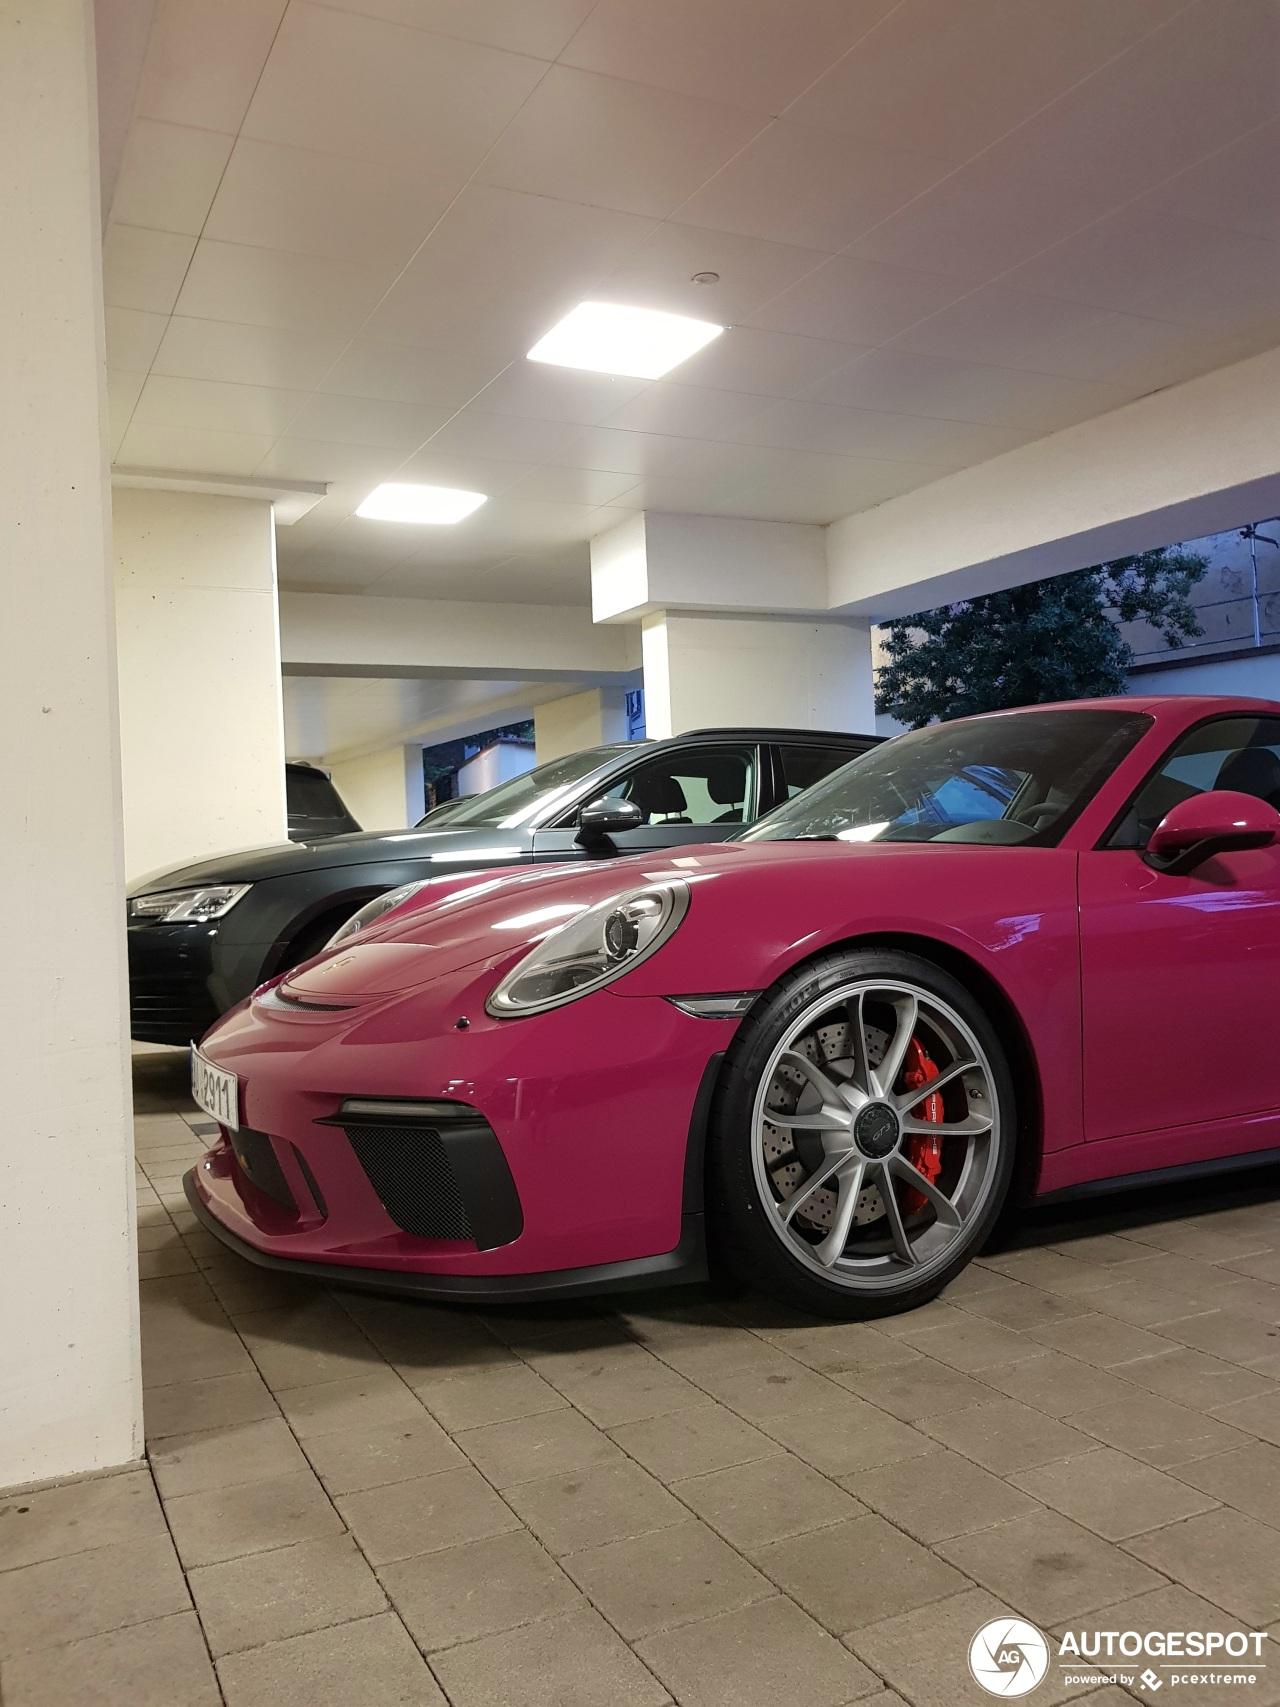 Past de Porsche 991 GT3 een rubystone-kleurig jasje?